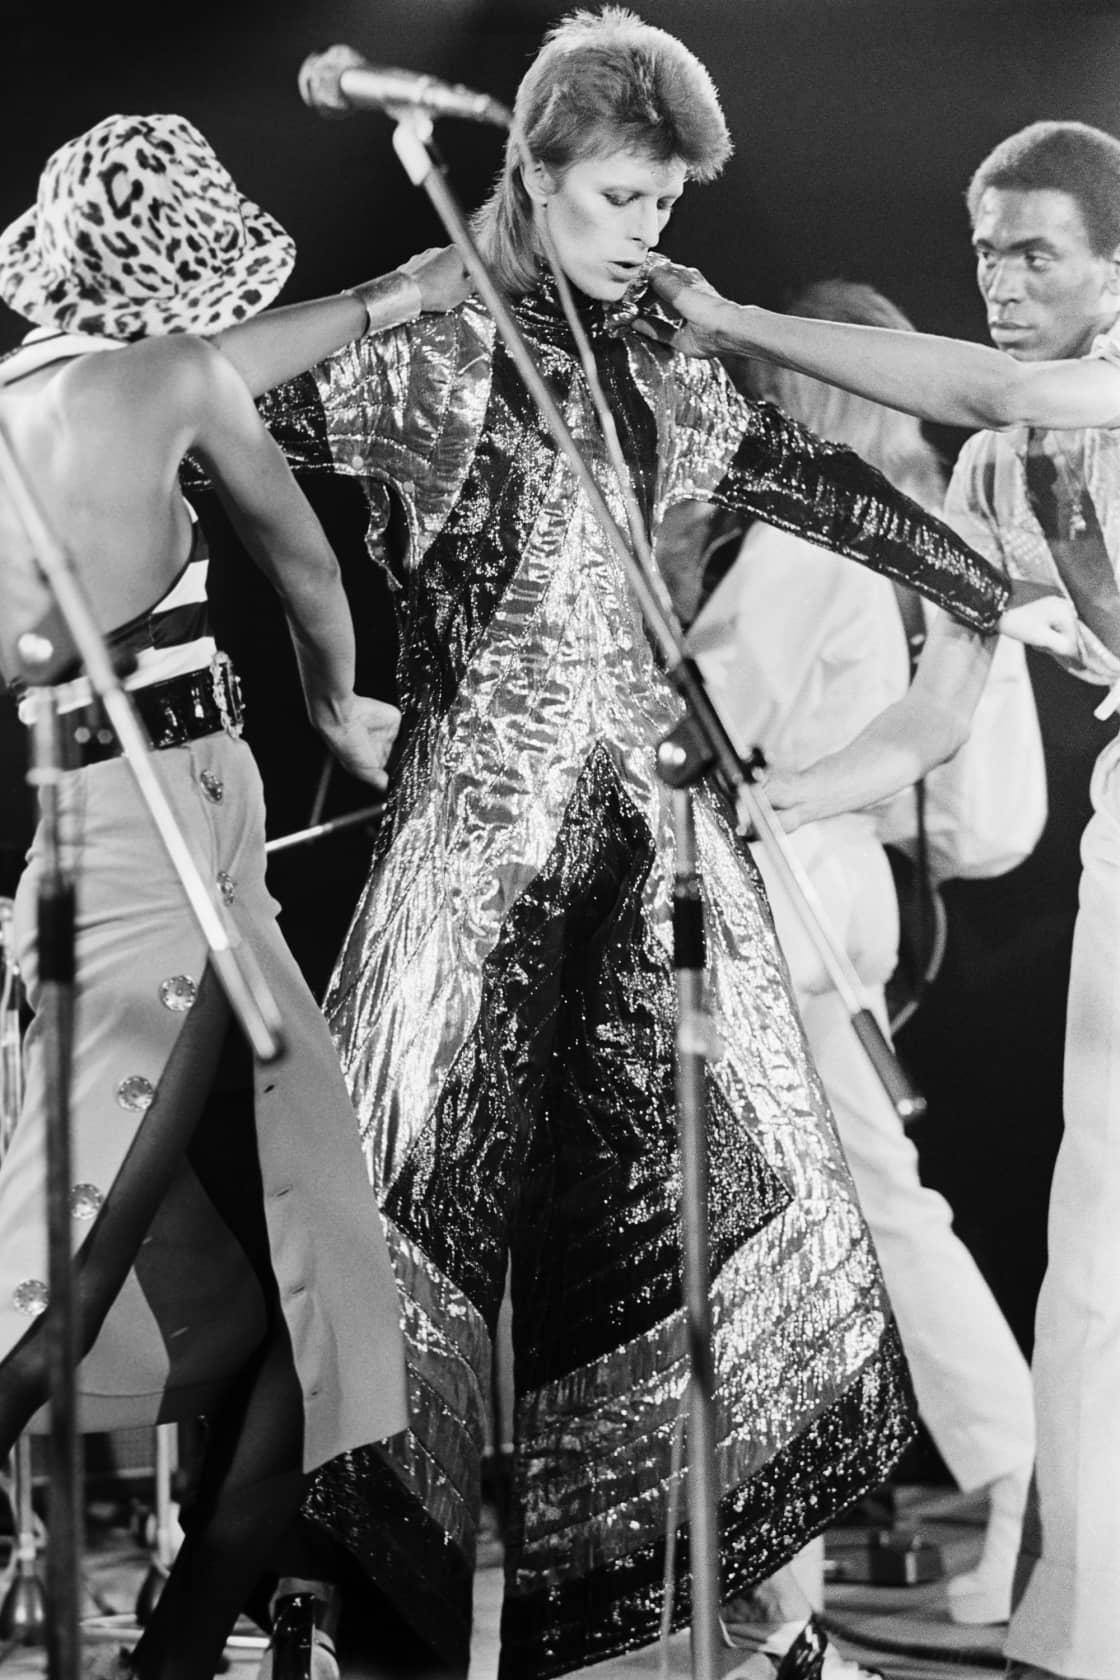 Terry O'Neill, David Bowie as Ziggy Stardust, 1980